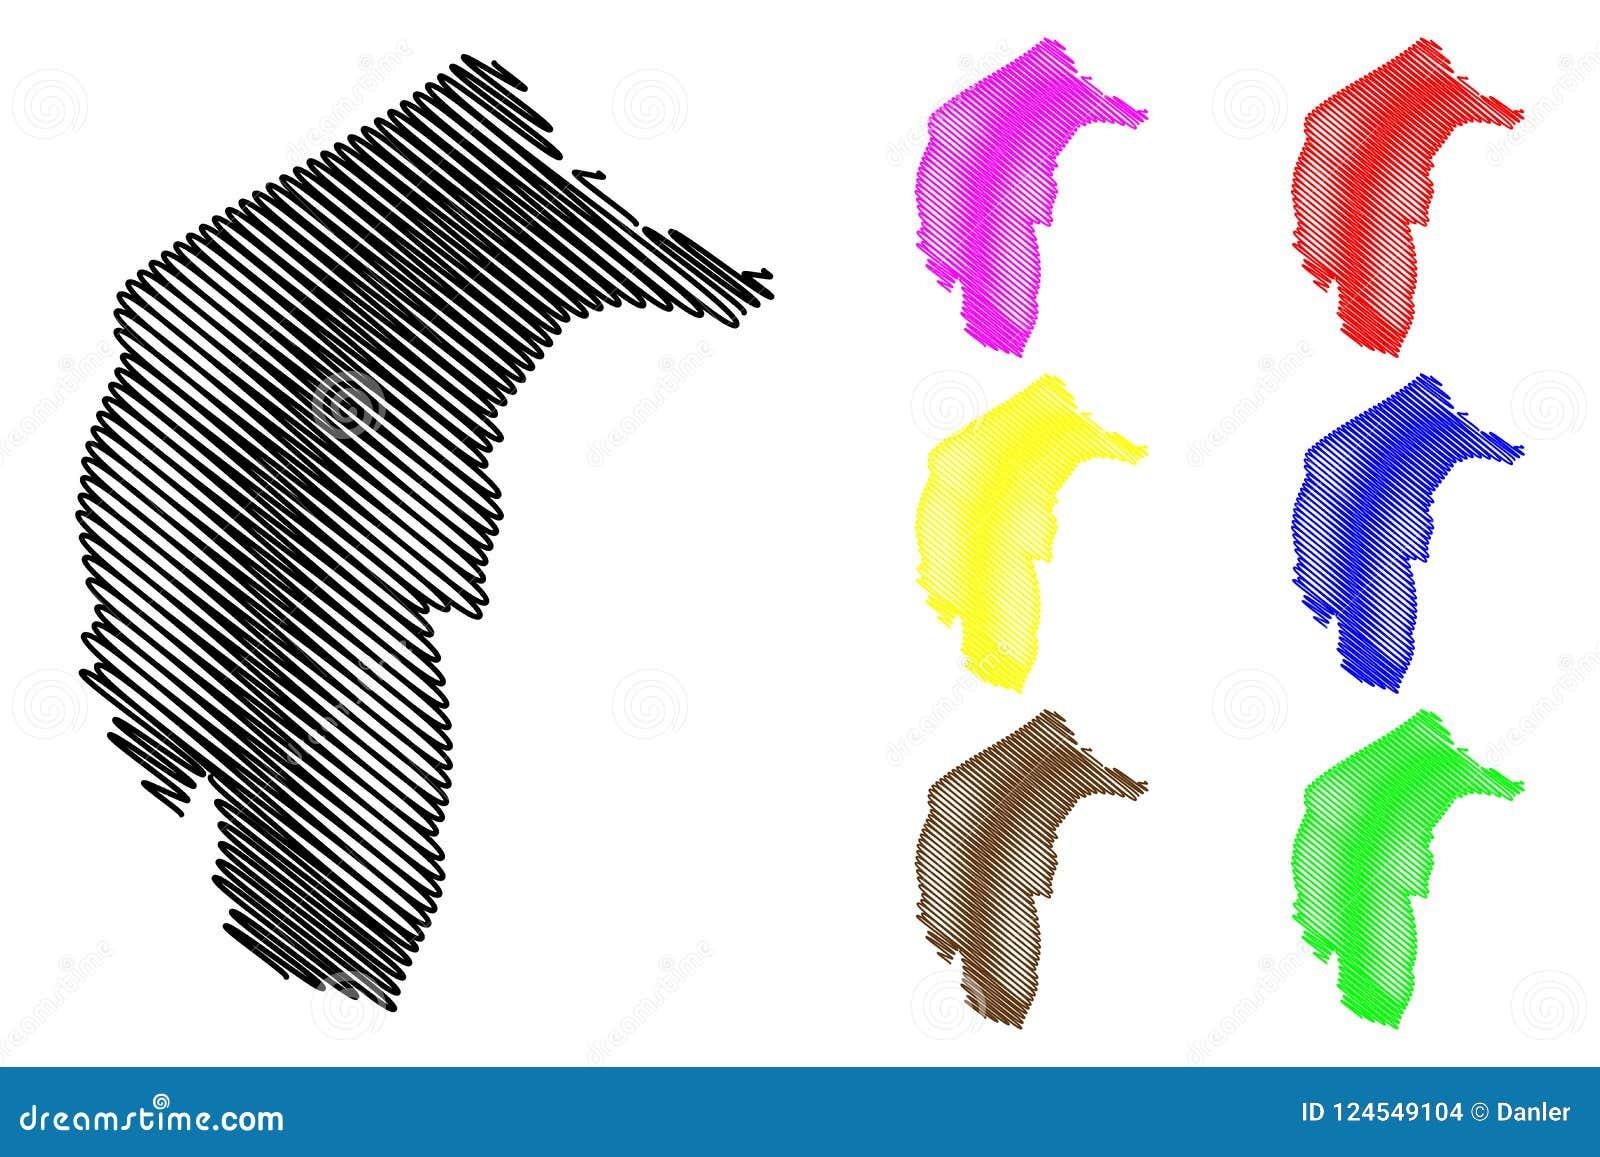 Αυστραλιανό κύριο διάνυσμα χαρτών εδαφών